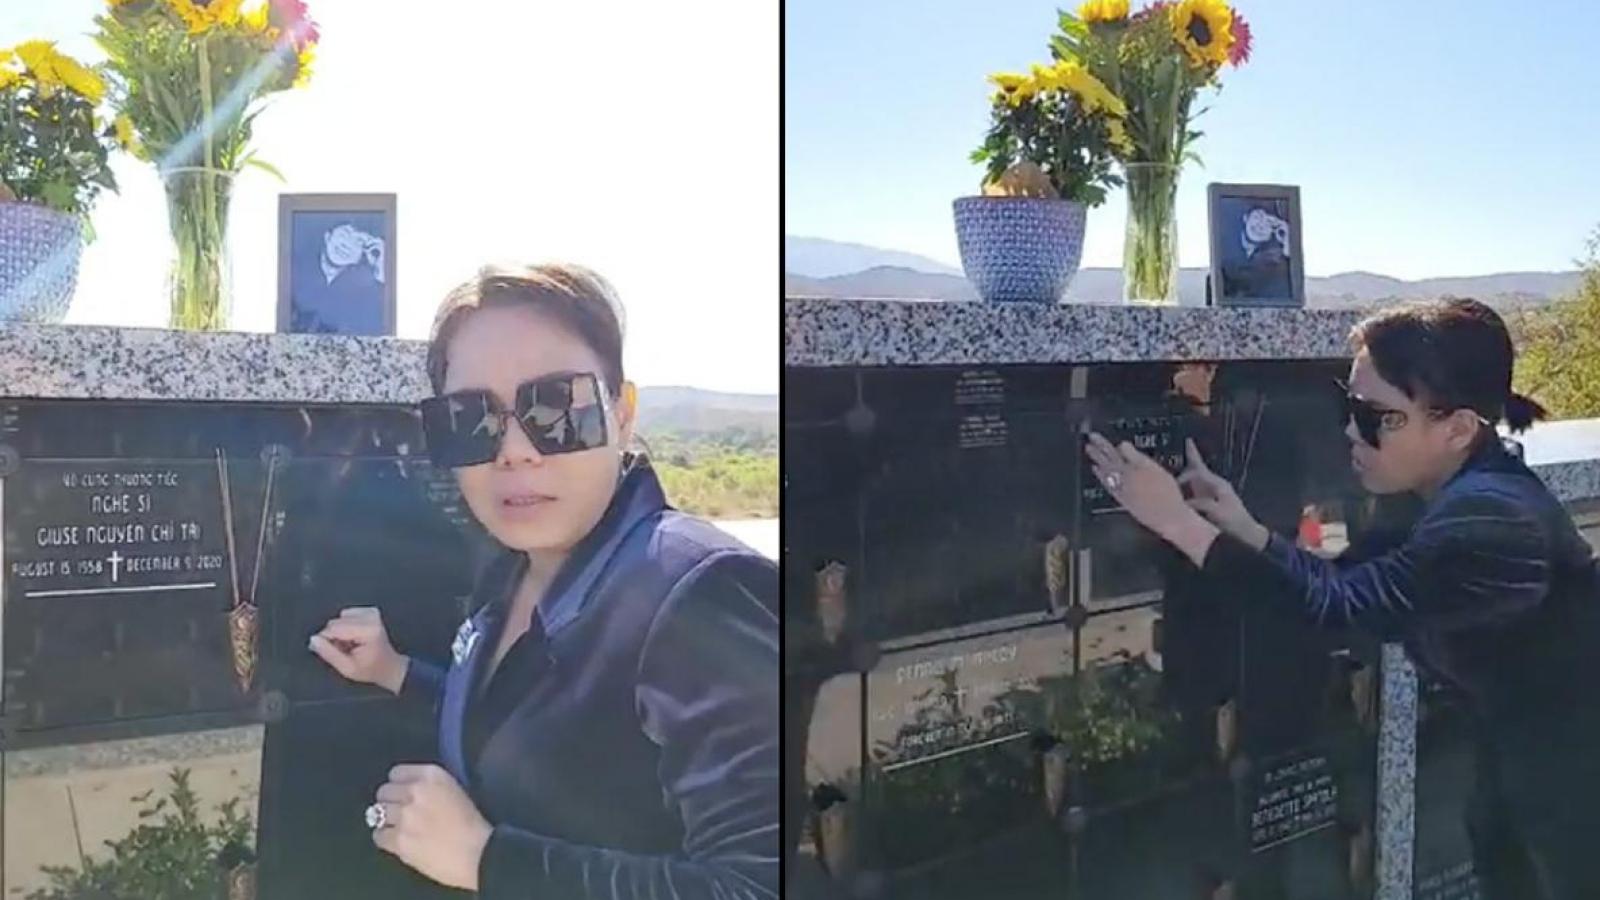 Chuyện showbiz: Việt Hương nghẹn ngào khi lần đầu đến thăm mộ cố nghệ sĩ Chí Tài